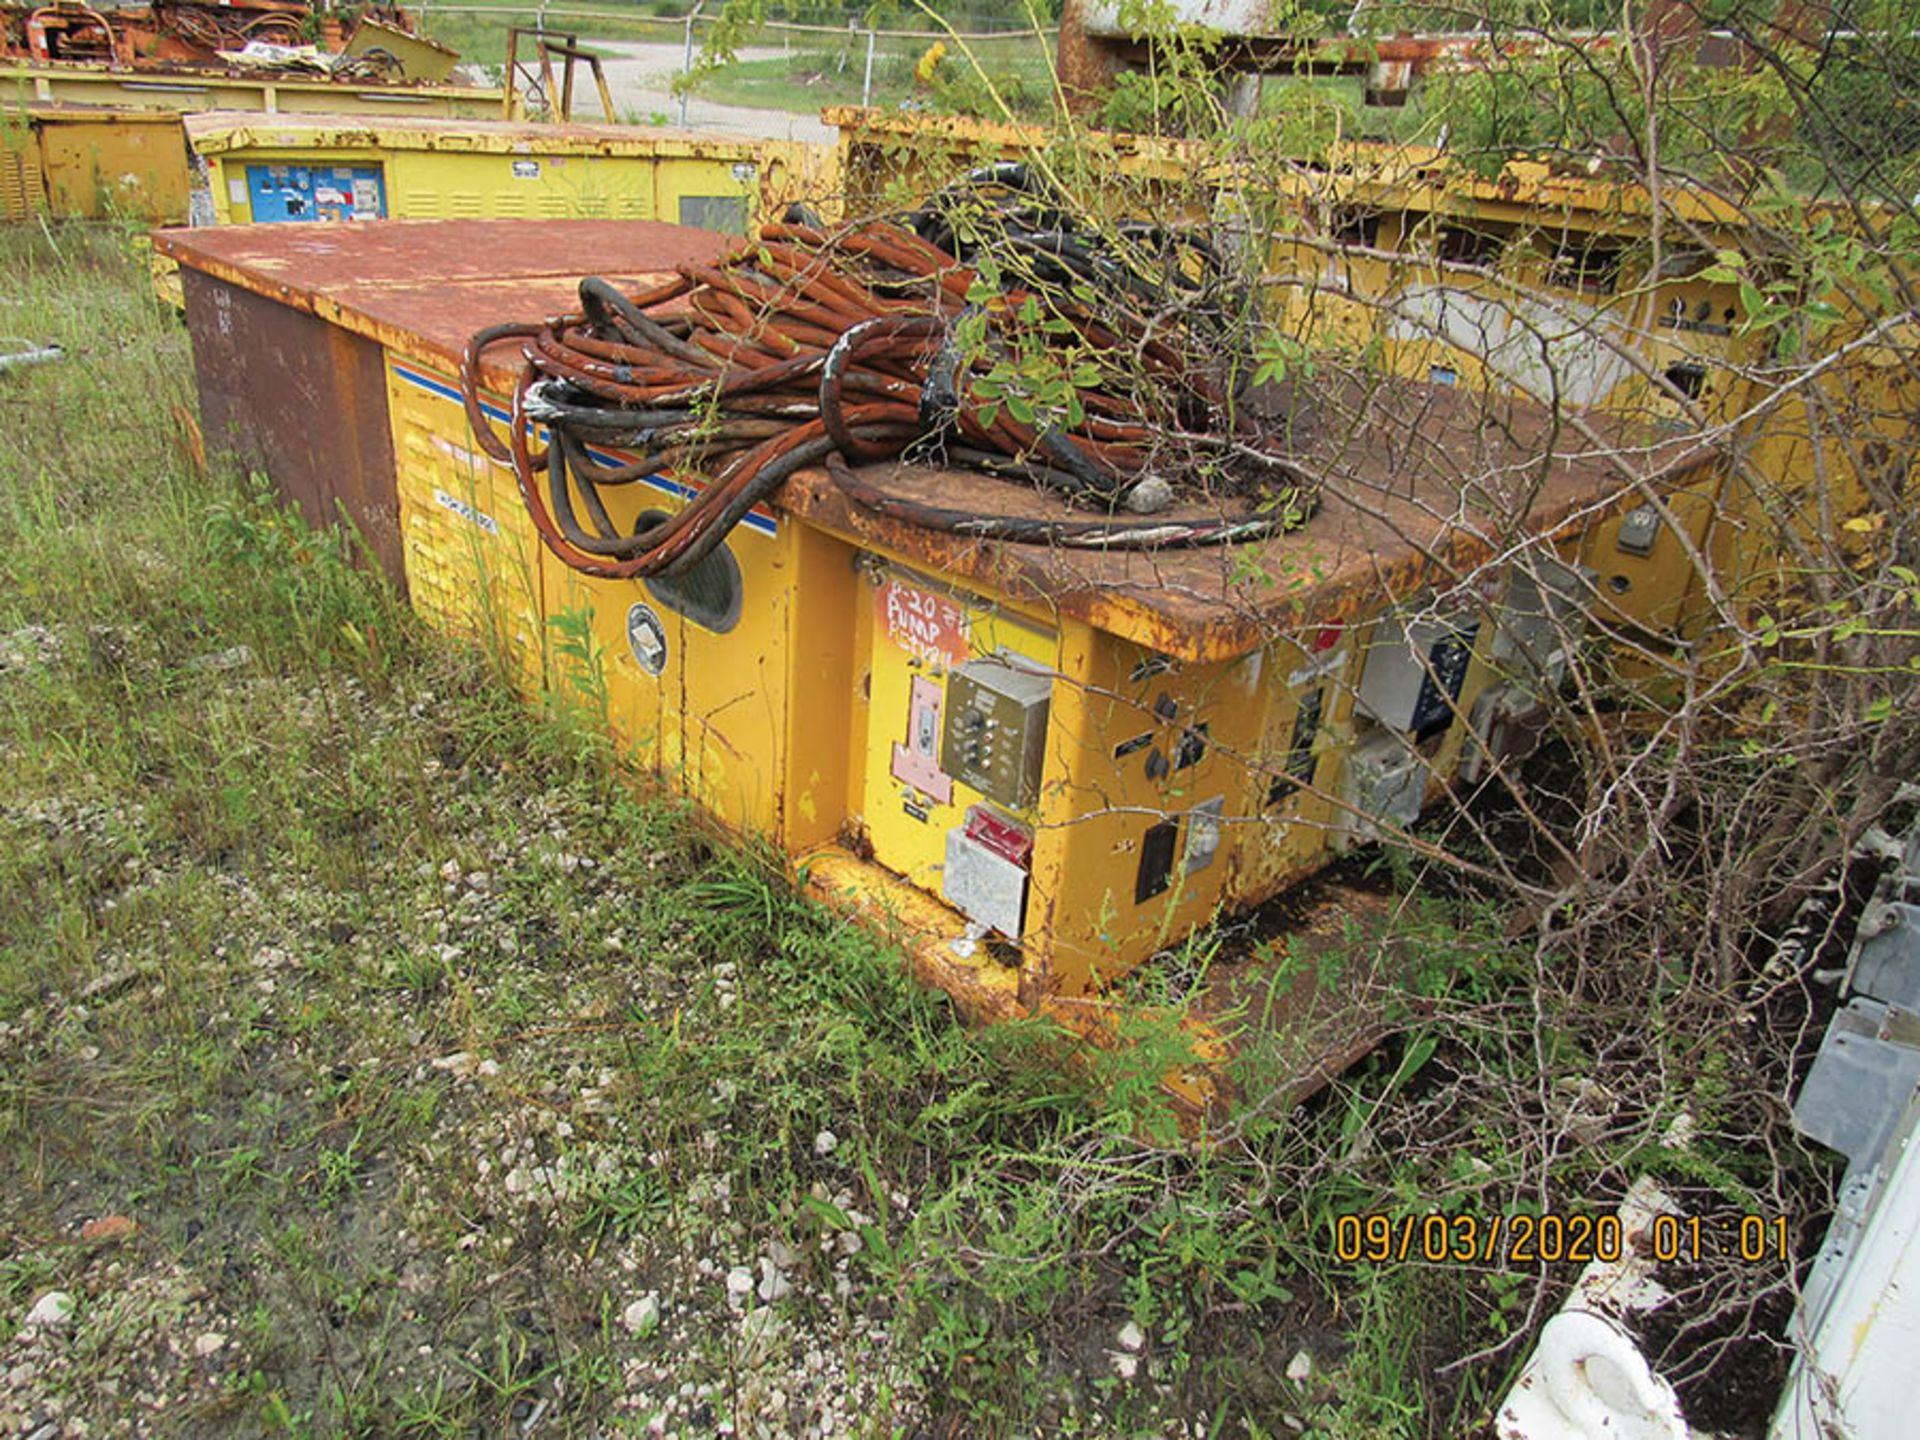 Lot 614 - PEMCO POWER CENTER, S/N 121994